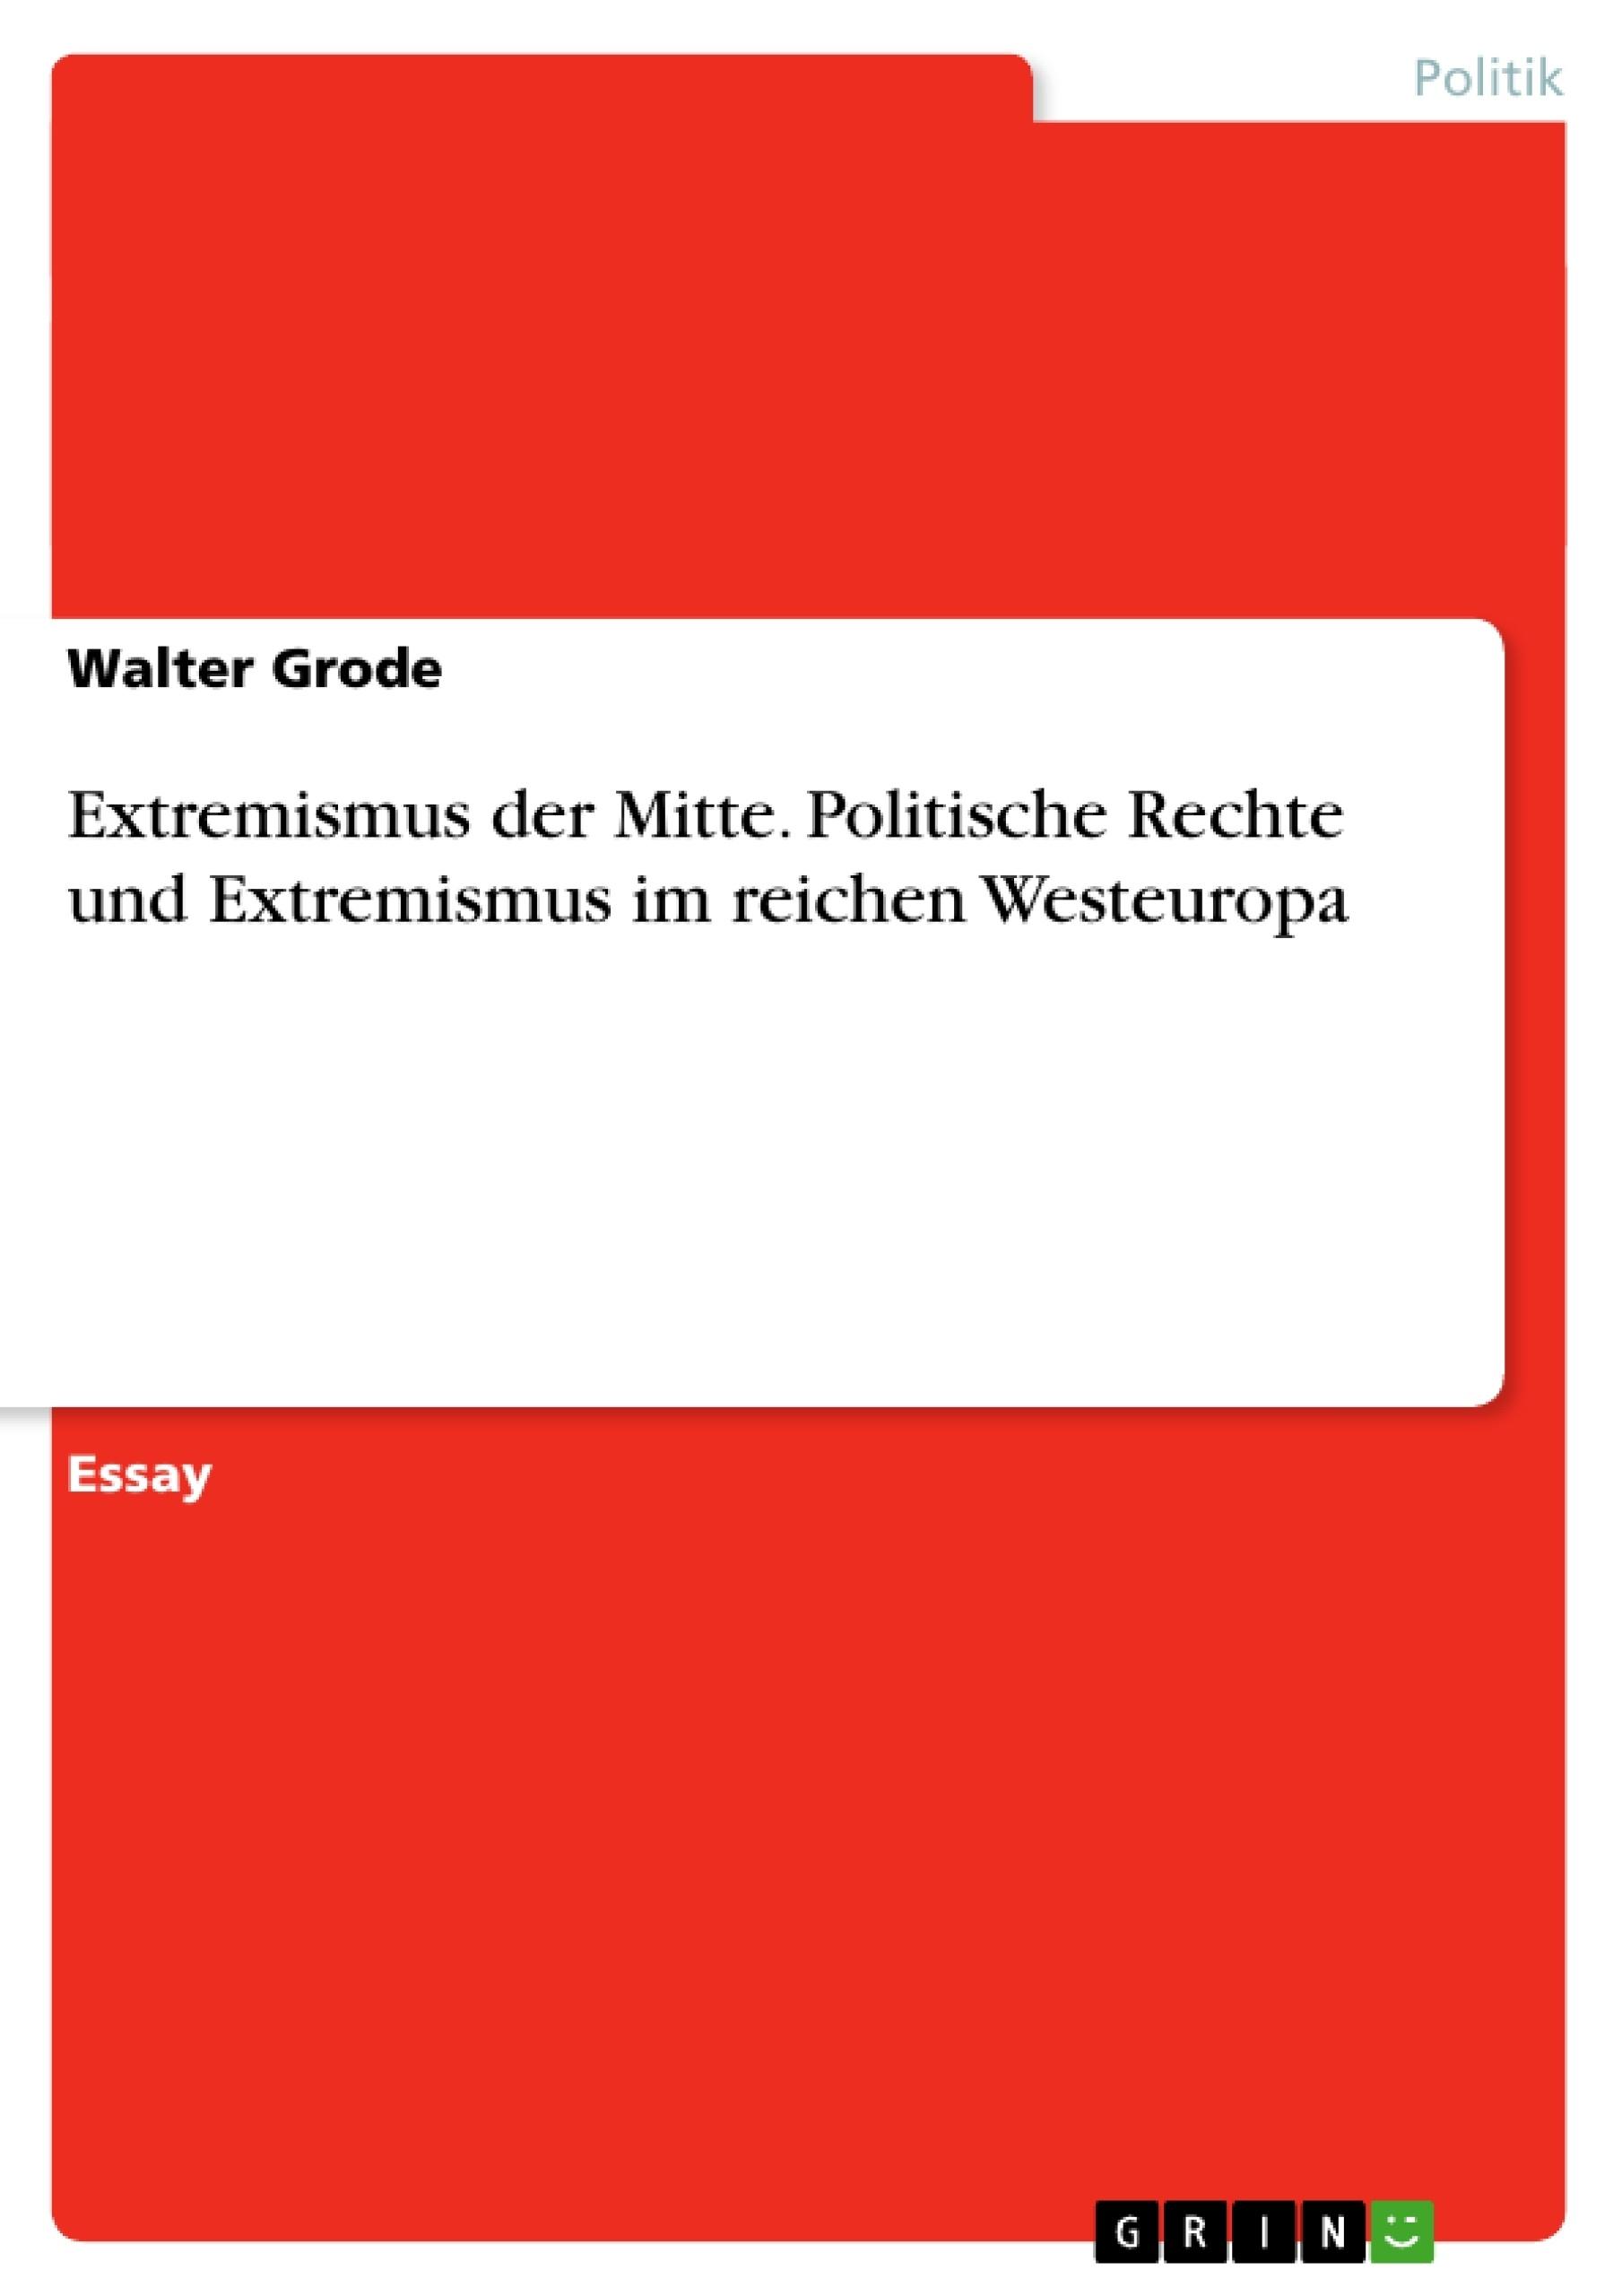 Titel: Extremismus der Mitte. Politische Rechte und Extremismus im reichen Westeuropa